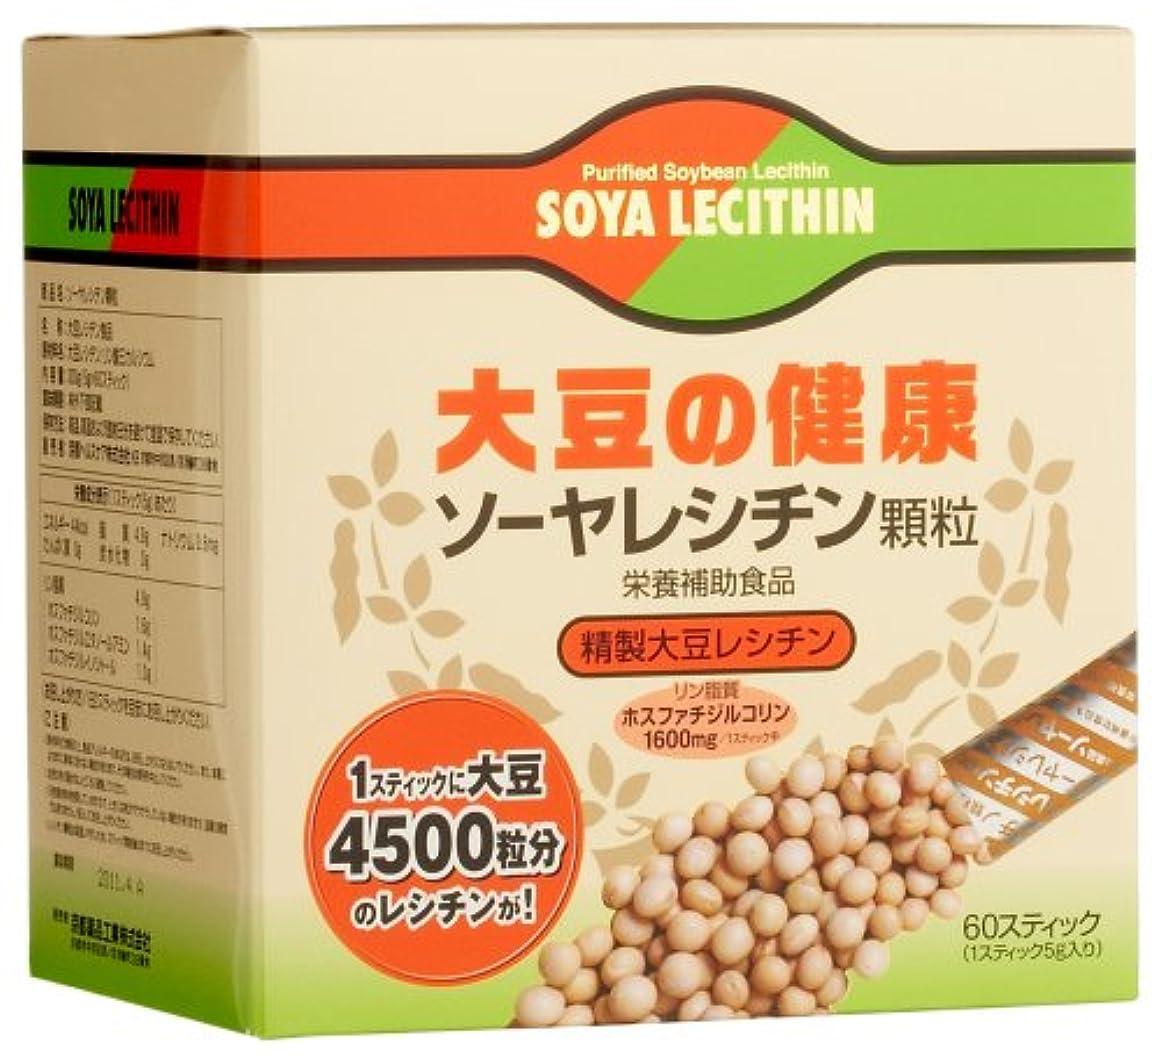 最も遠い胆嚢仕事に行くソーヤレシチン顆粒 60包